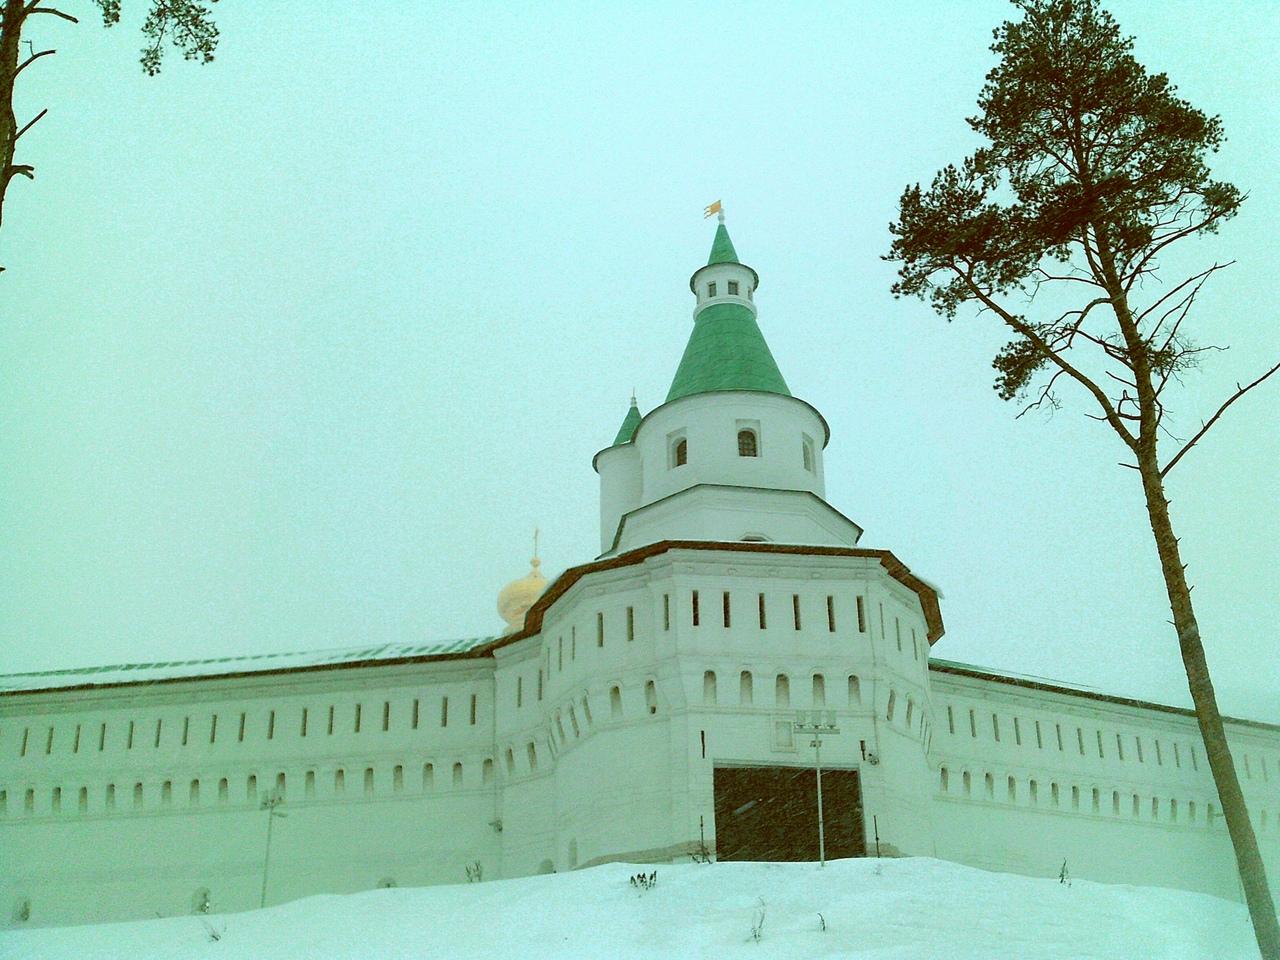 Город Истра. Новый Иерусалим. Монастырь-крепость с библейскими святынями